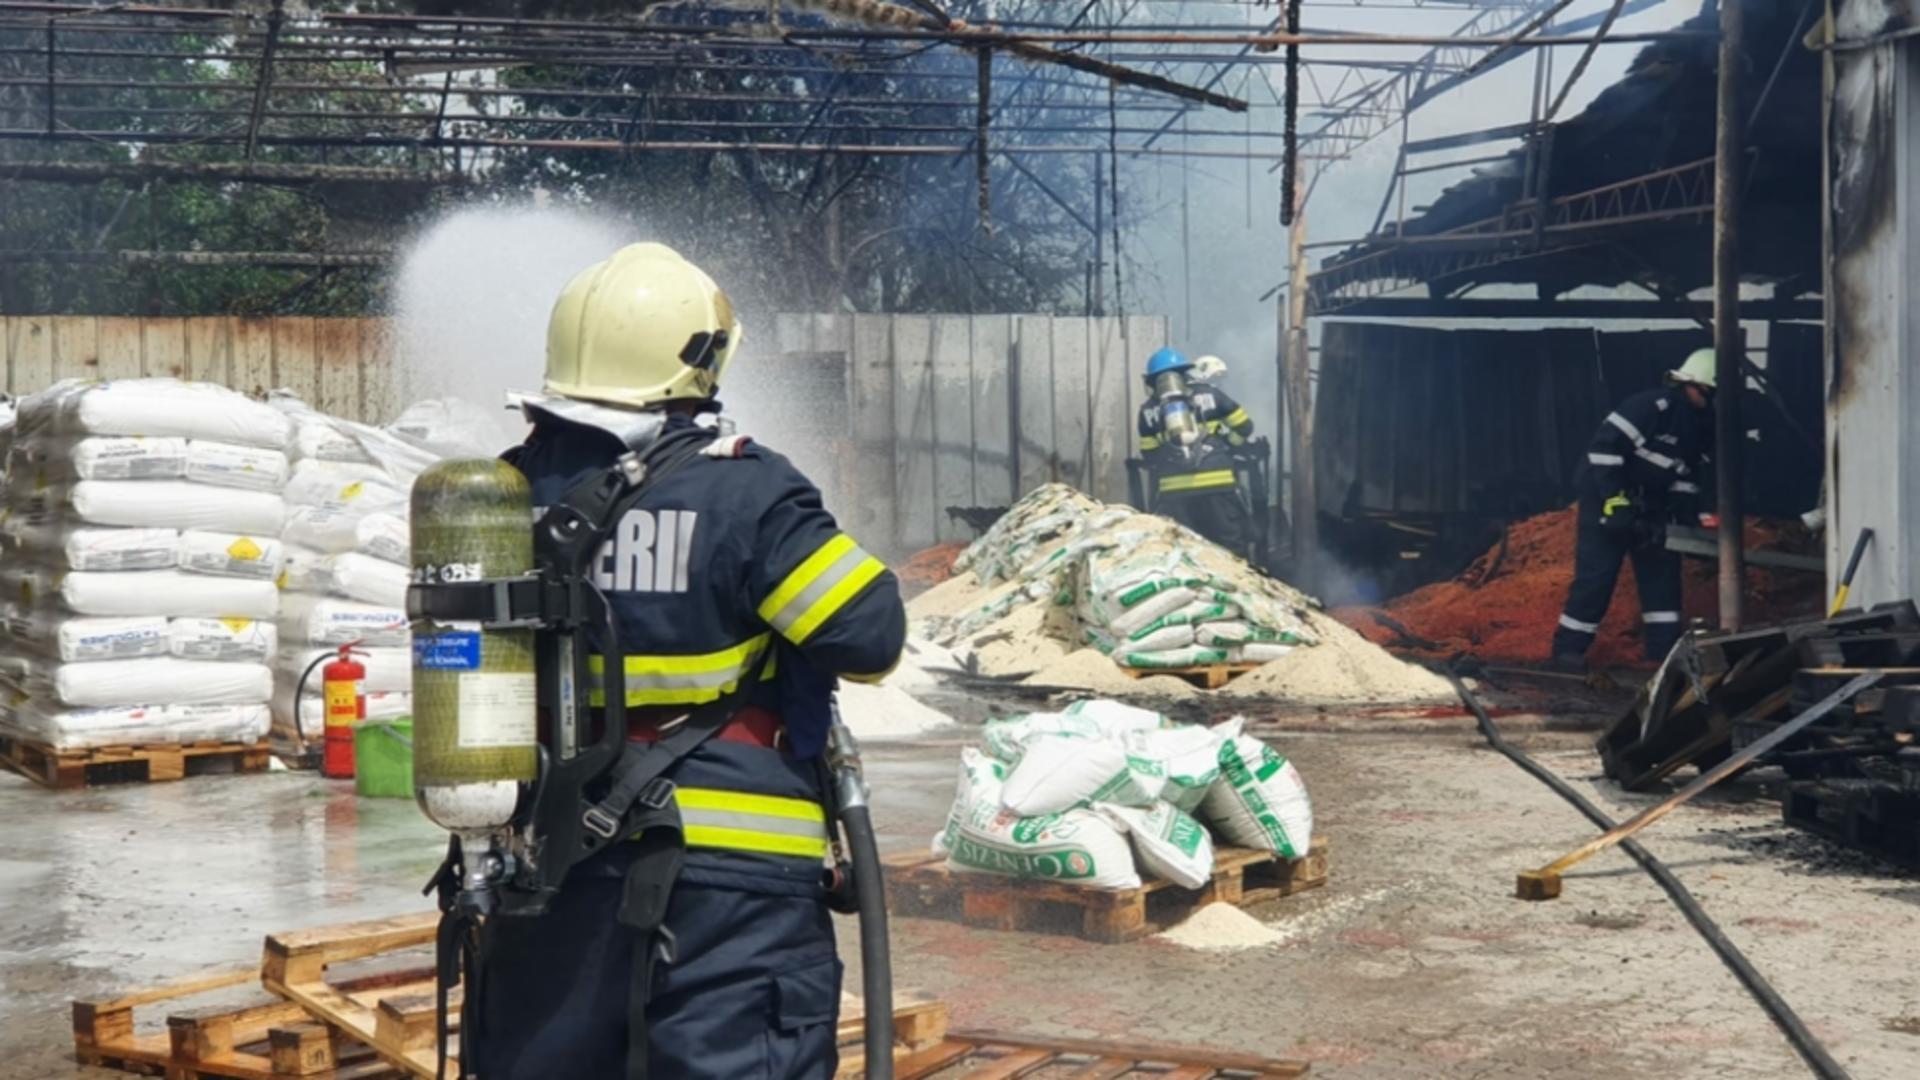 Depozit de azot, la un pas de explozie din cauza unui incendiu. Foto/ISU